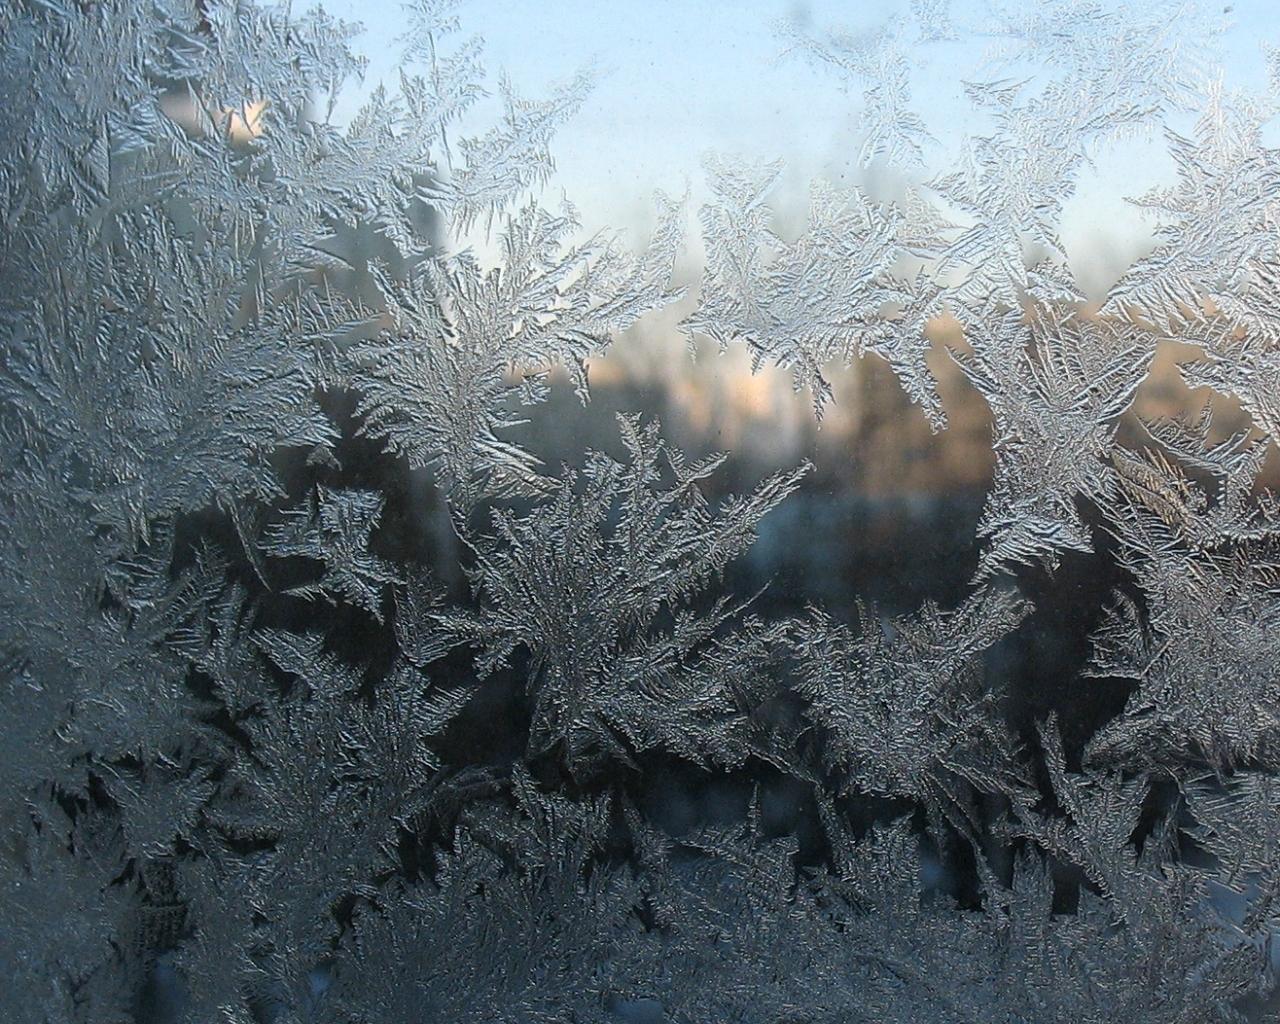 130 Hintergrundbild herunterladen Abstrakt, Winterreifen, Fotokunst, Eis - Bildschirmschoner und Bilder kostenlos